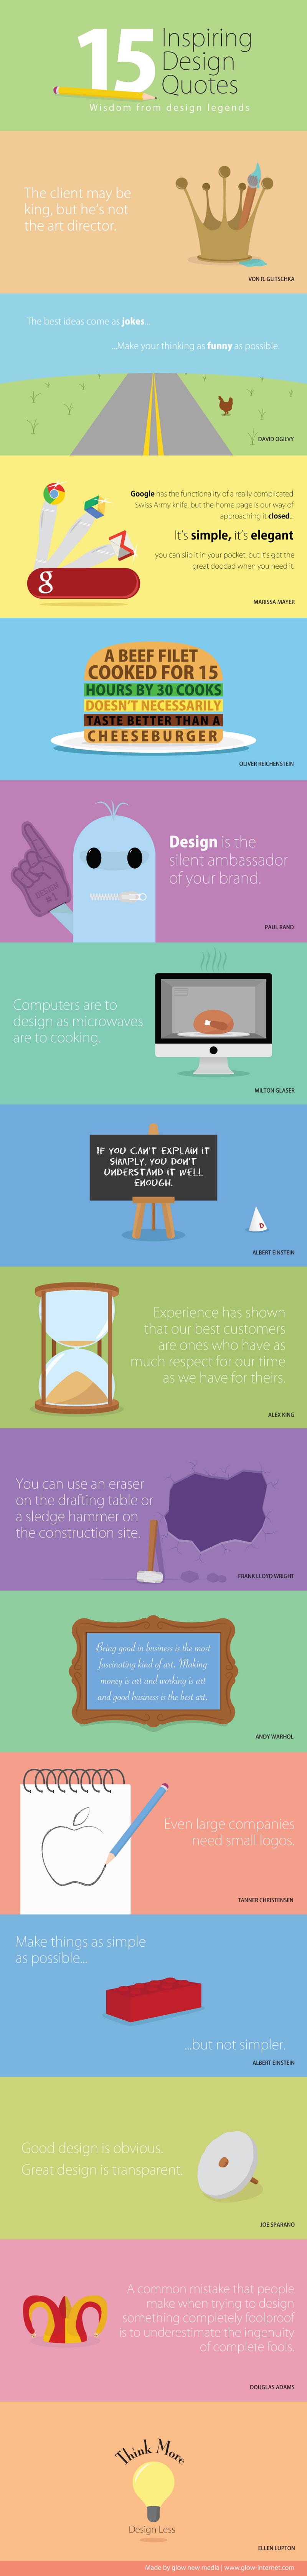 Design-Quotes-from-Design-Legends